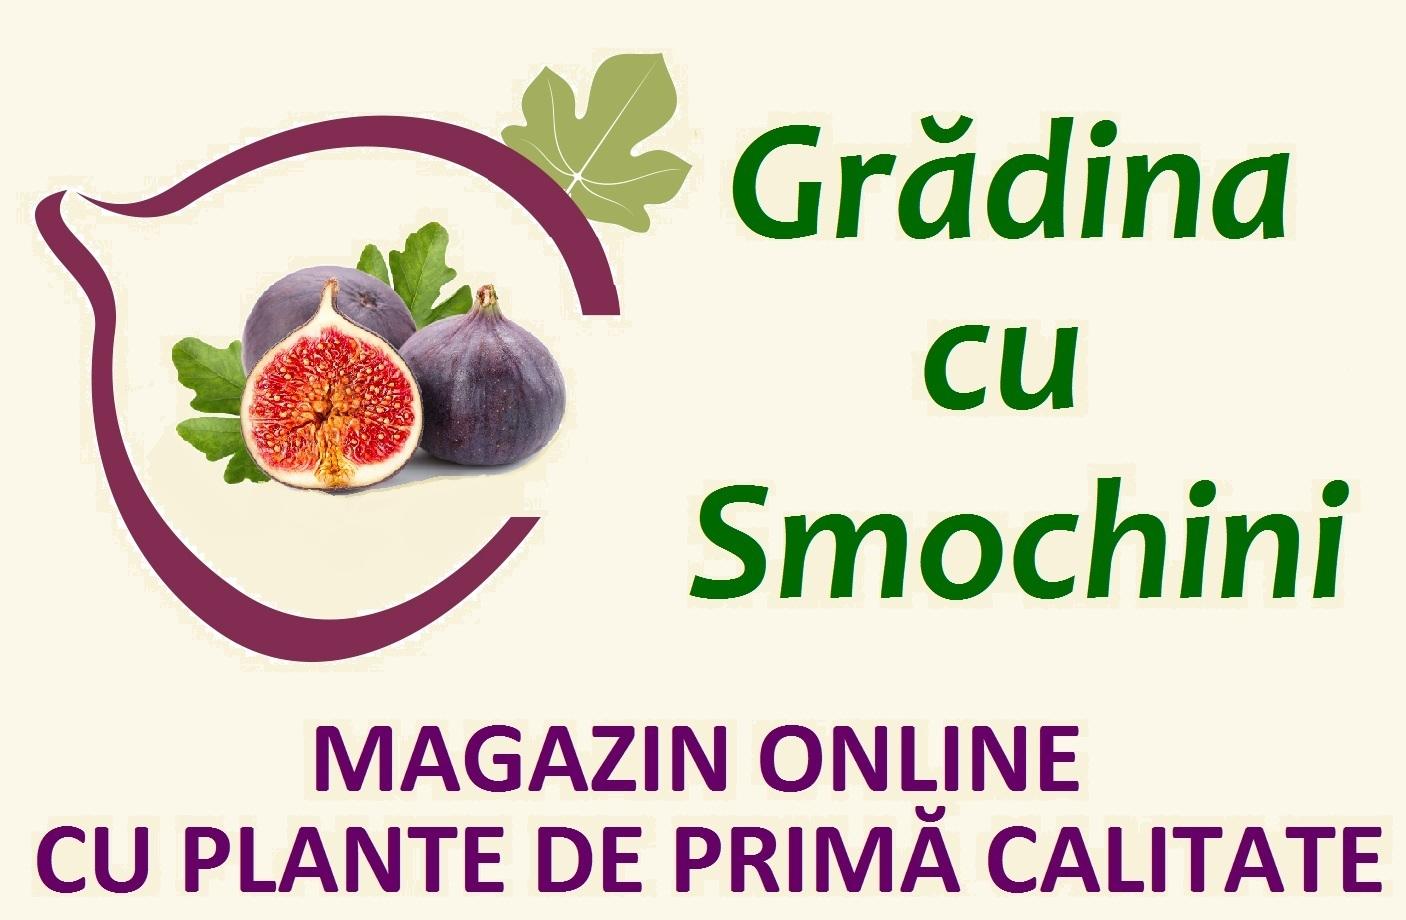 Grădina cu Smochini - magazin online cu plante fructifere și decorative